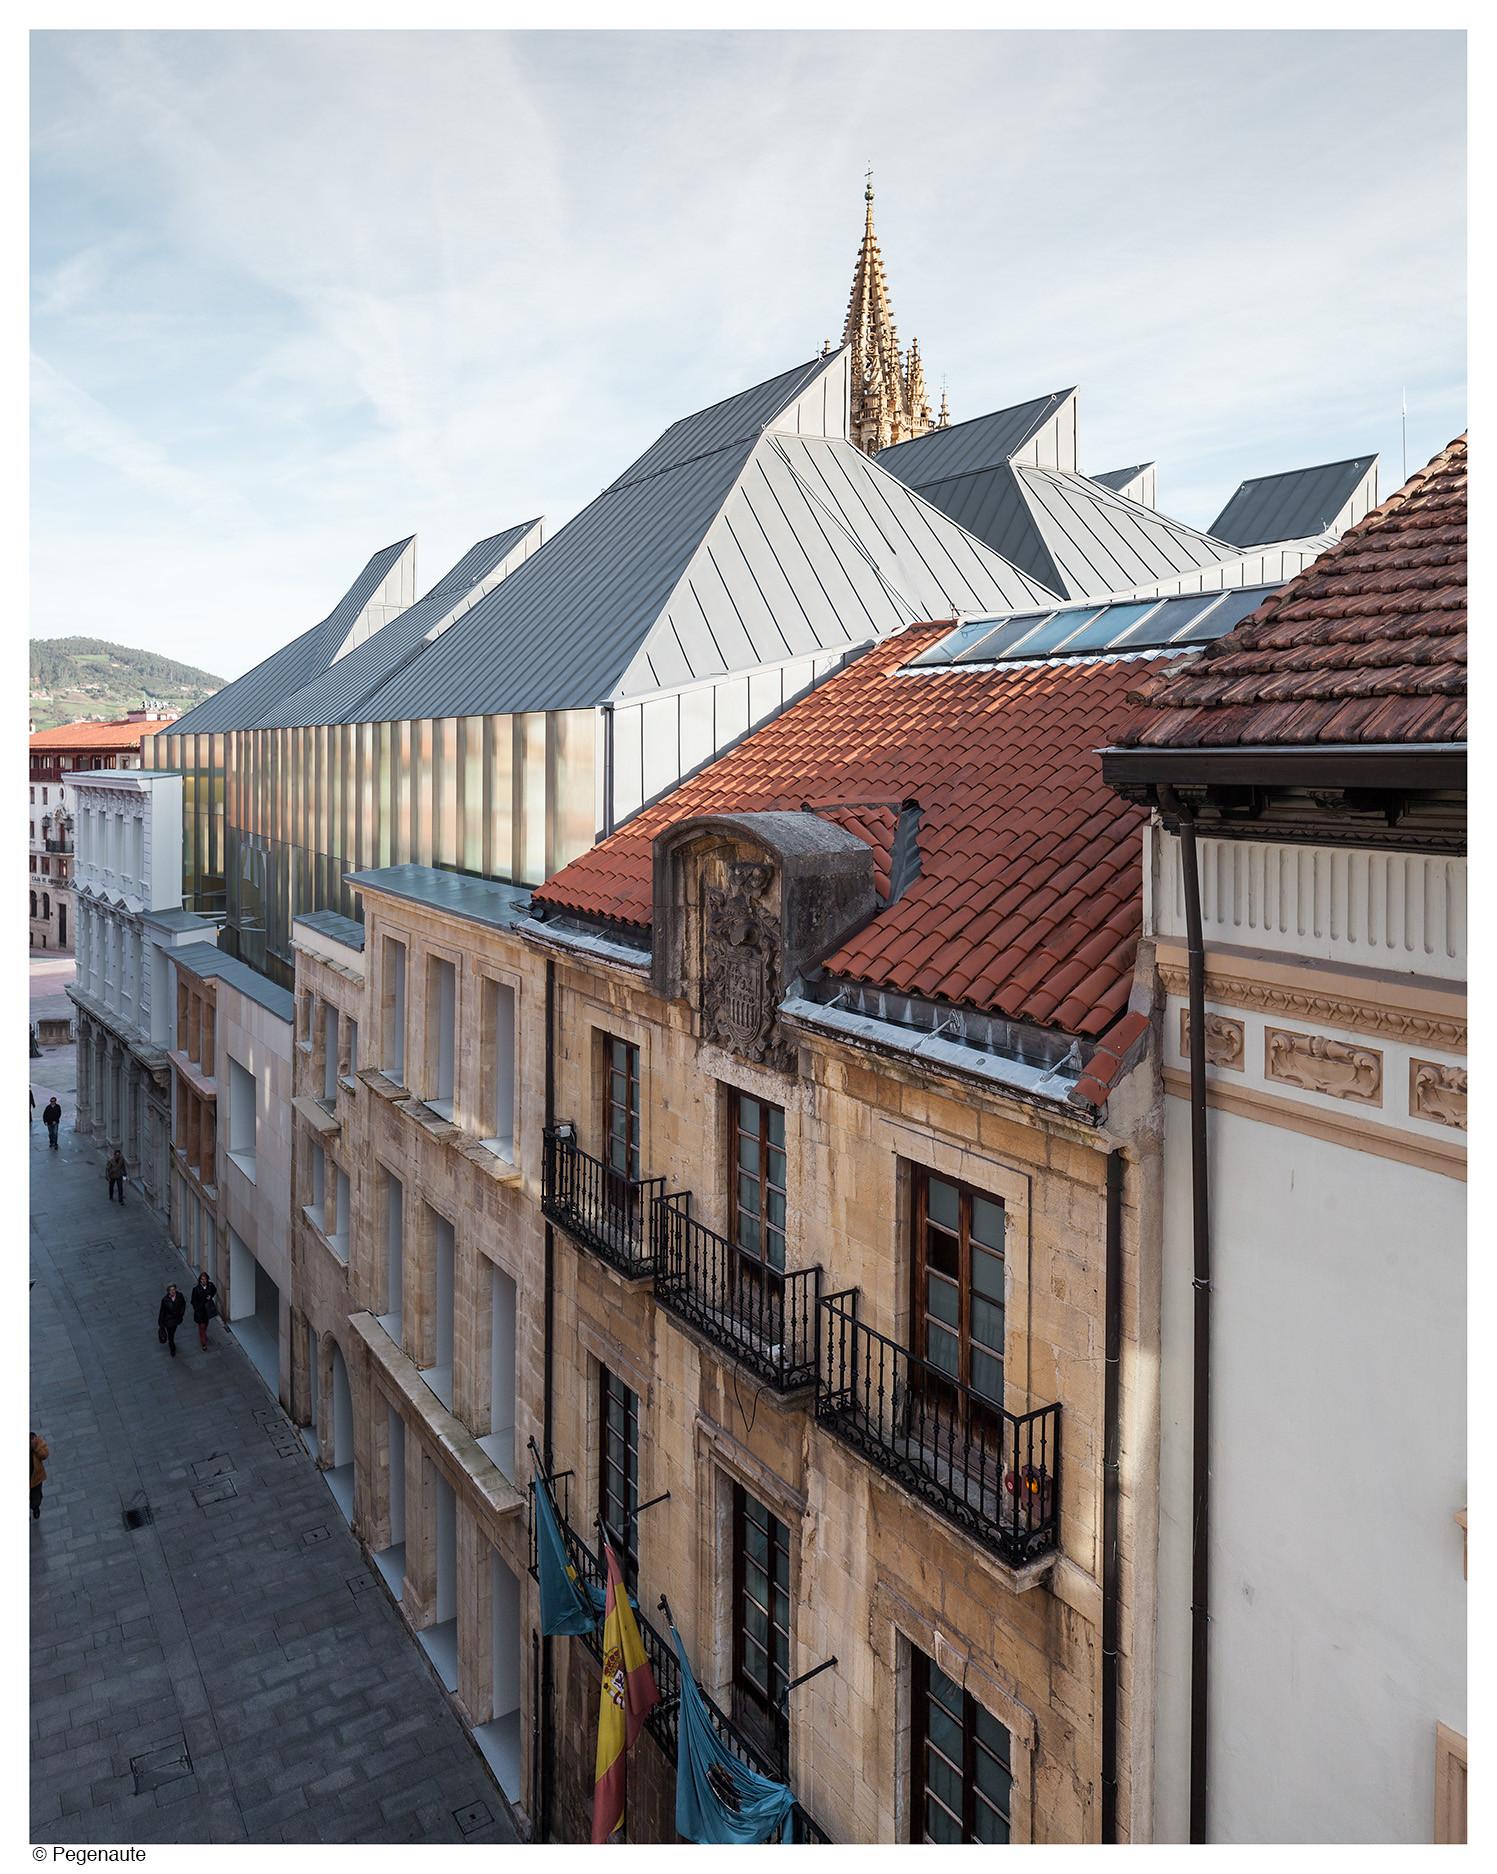 Fine Arts Museum Asturias Francisco Mangado - 4